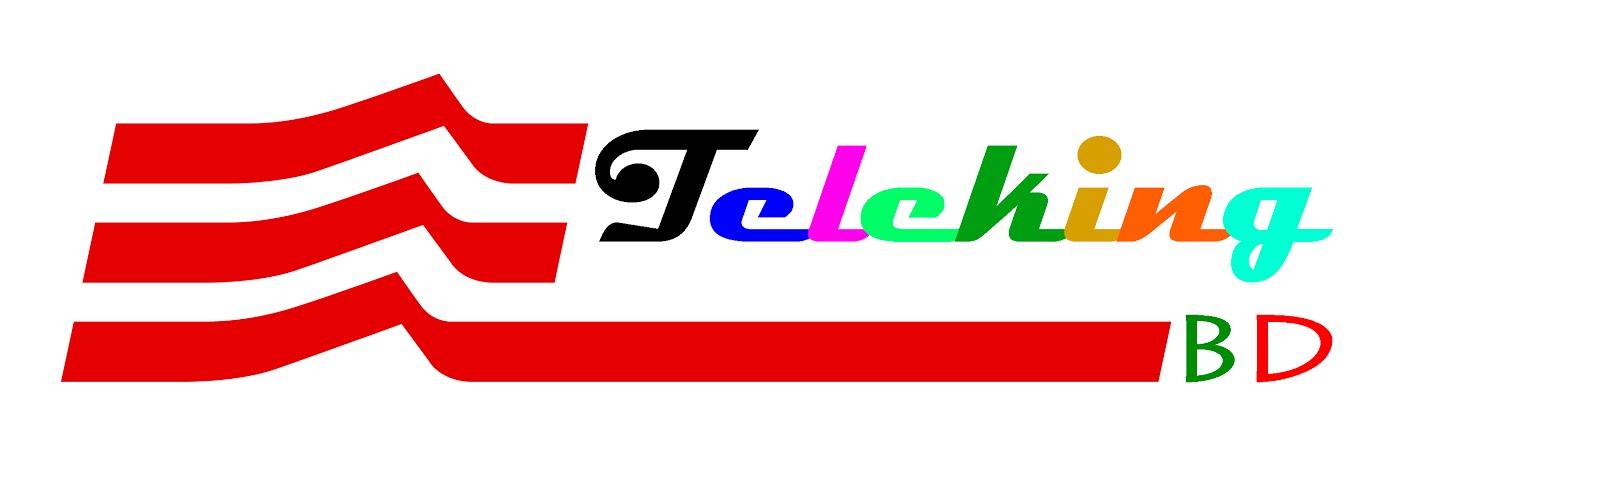 Teleking BD